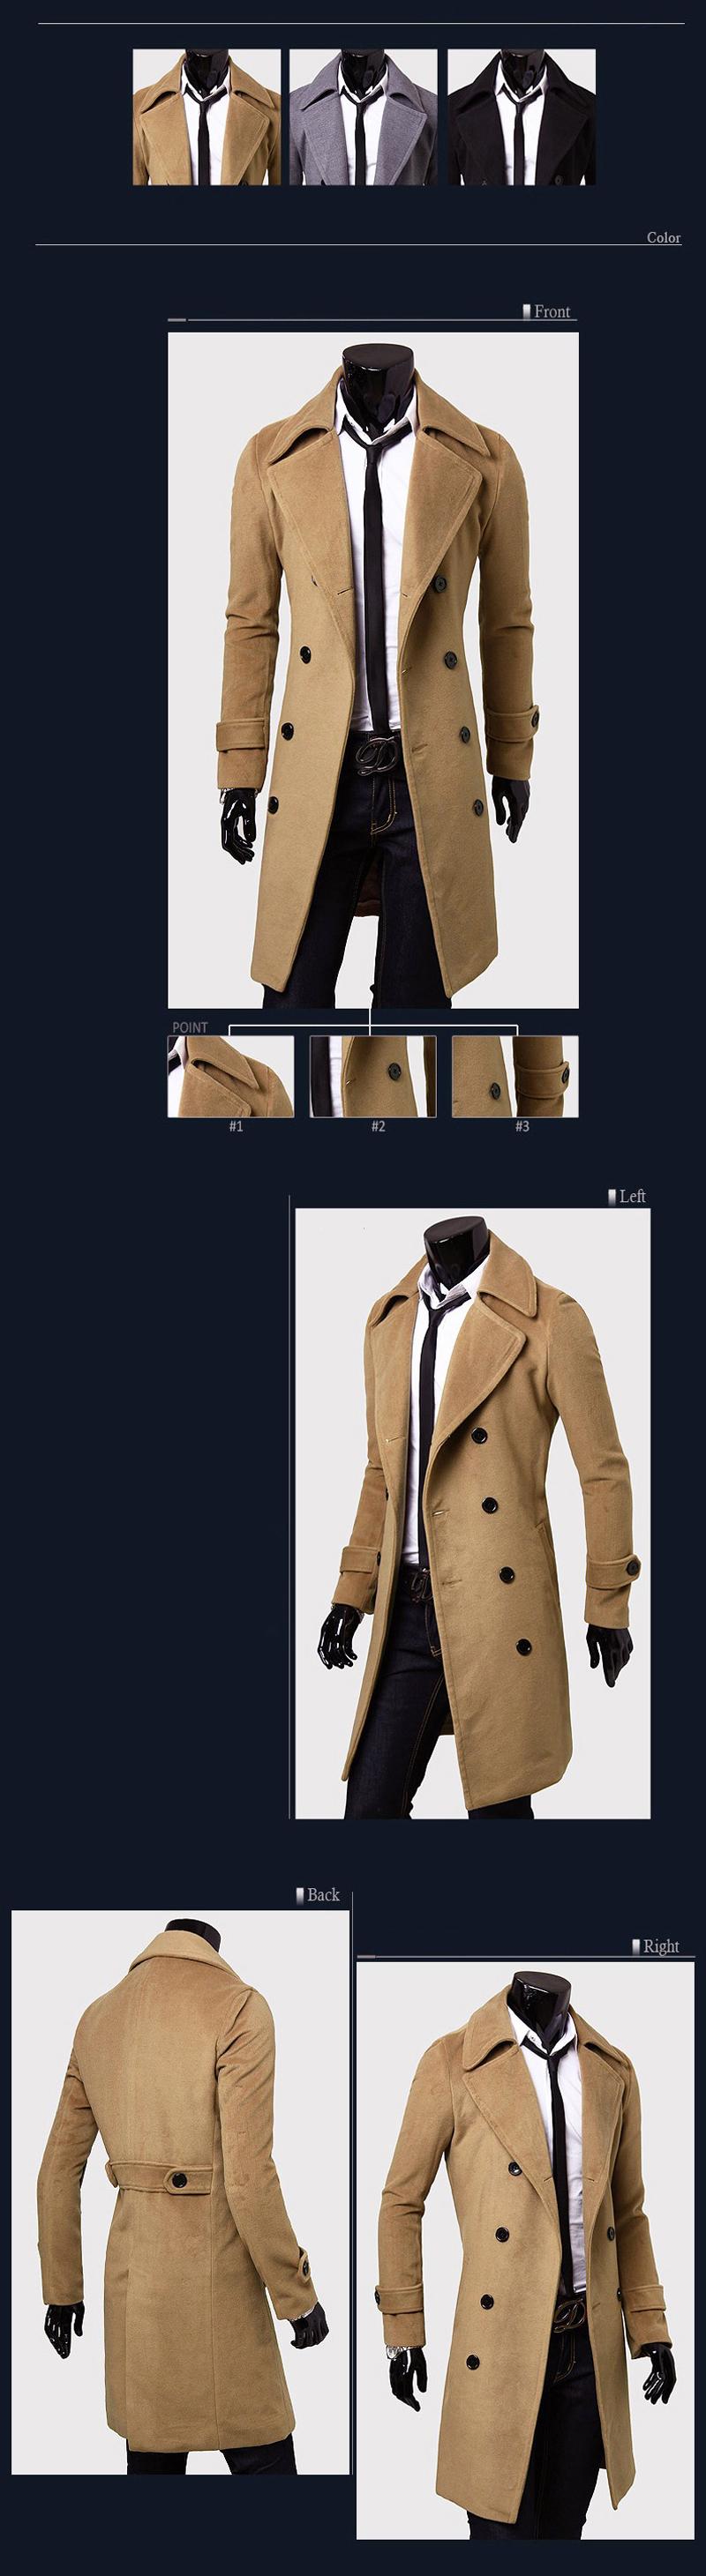 Áo khoác nam kiểu dáng dài